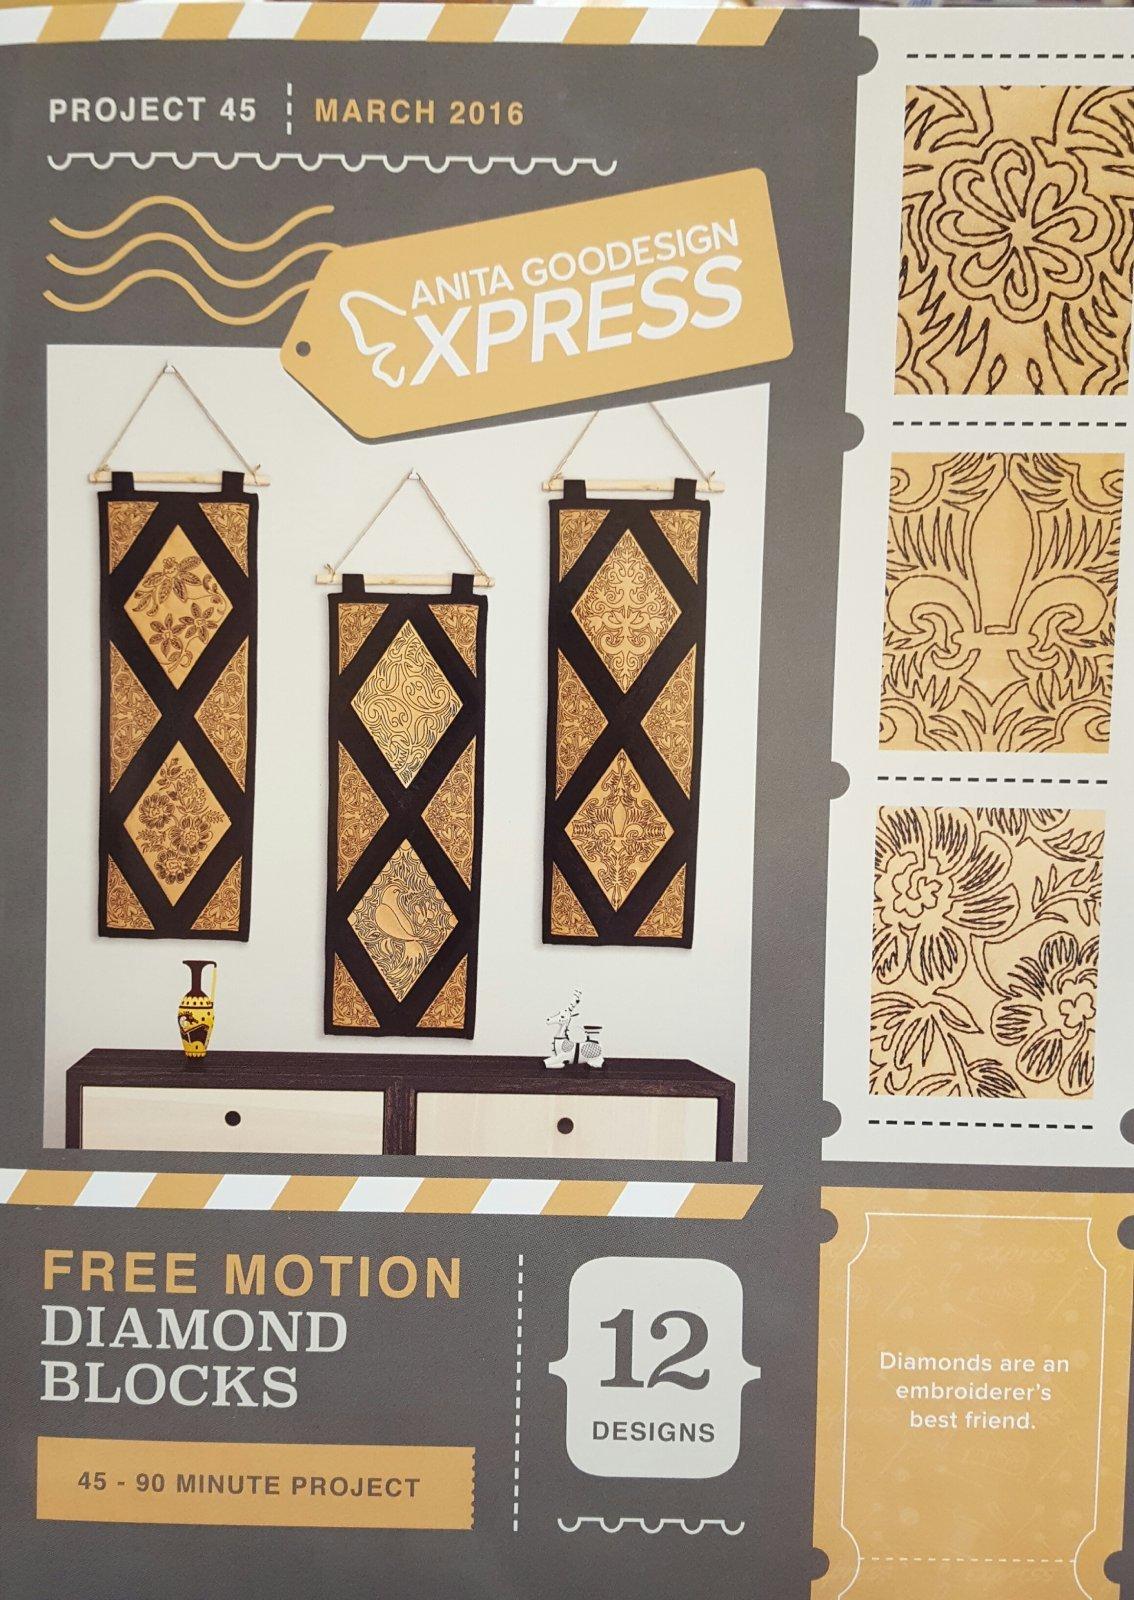 Anita Goodesign - Express #45 -Free Motion Diamond Blocks